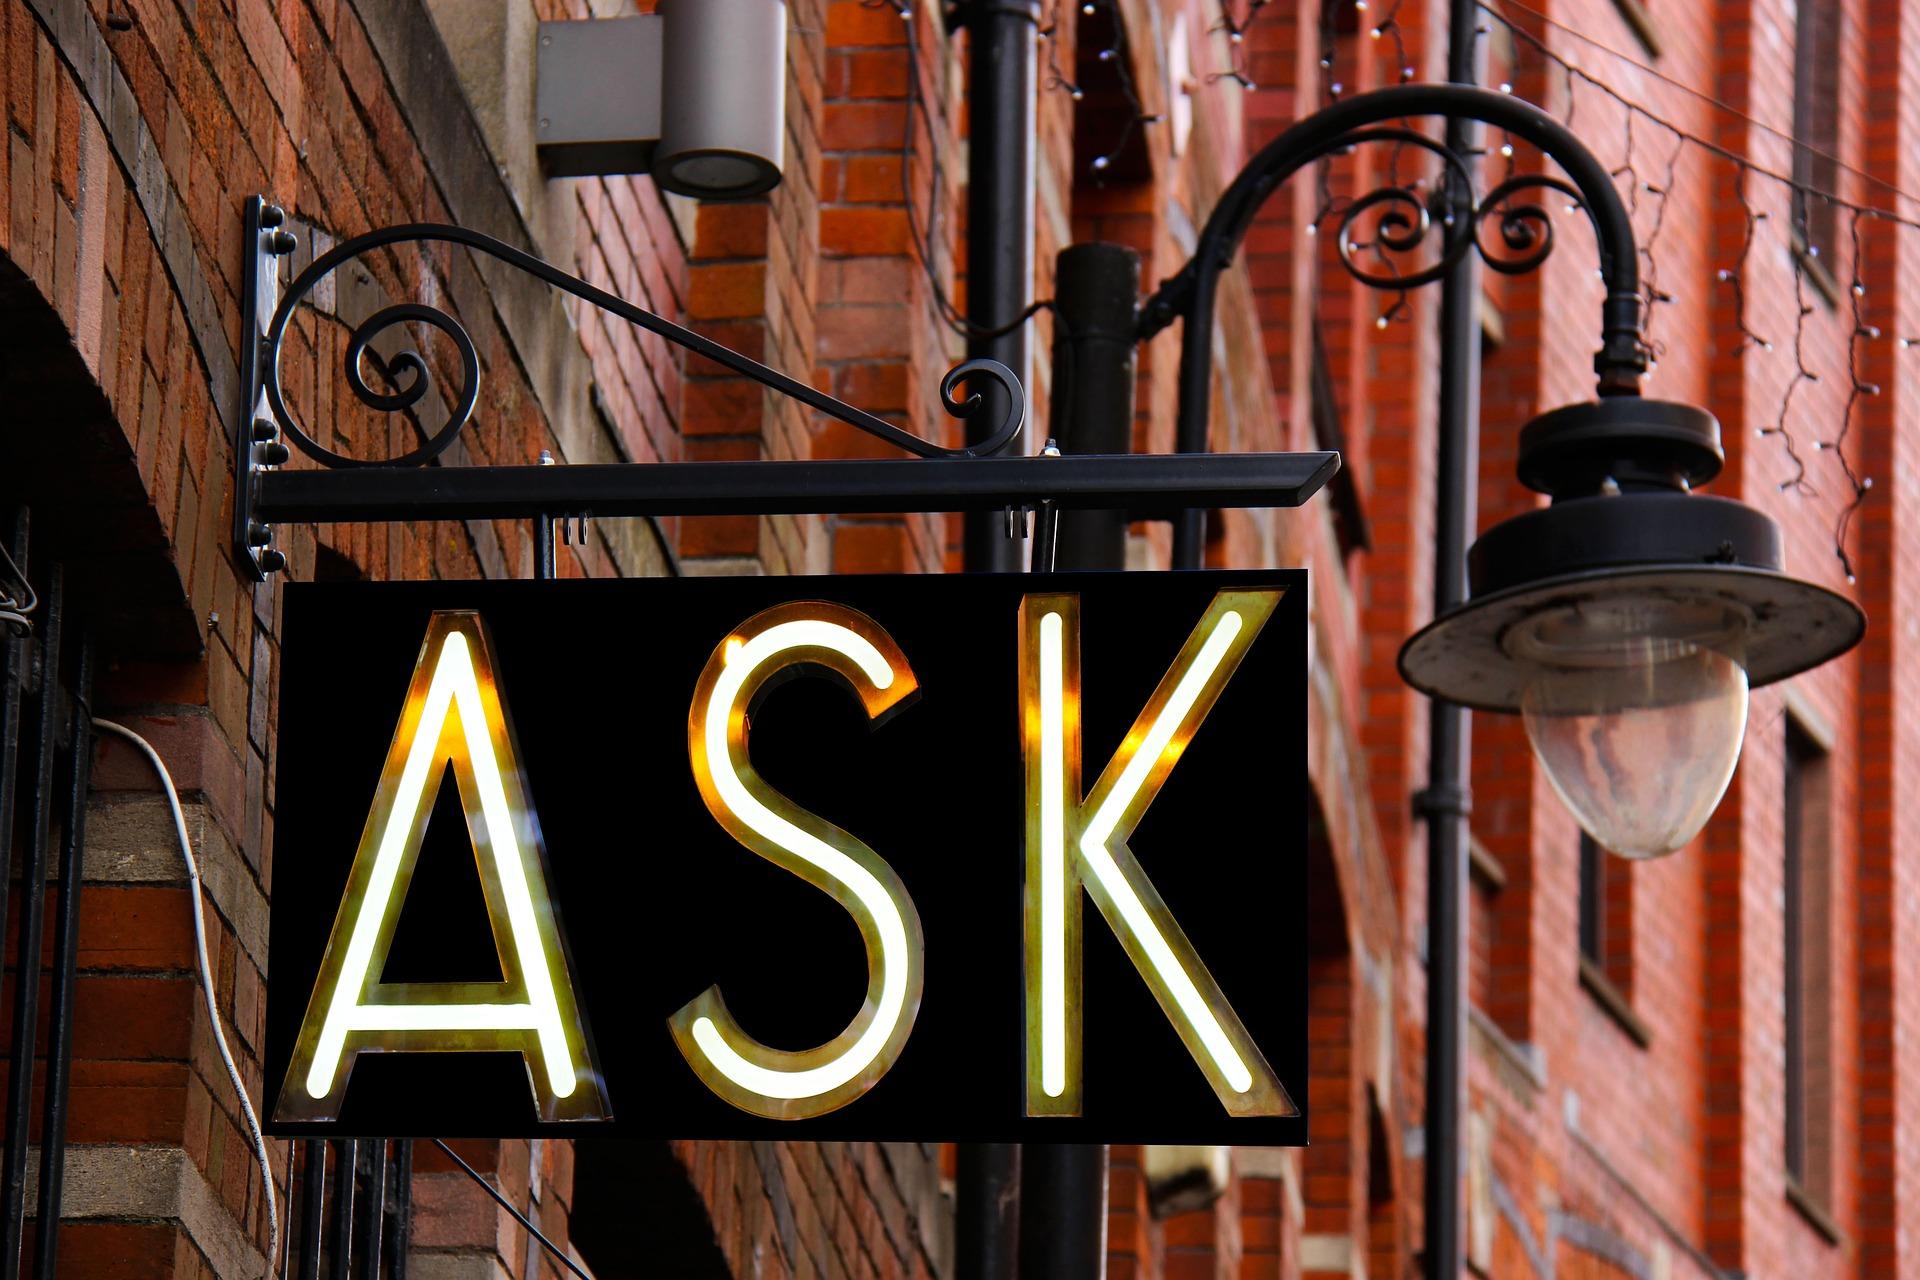 שאלות נפוצות של לקוחות על פרסום ממומן בגוגל אדוורדס